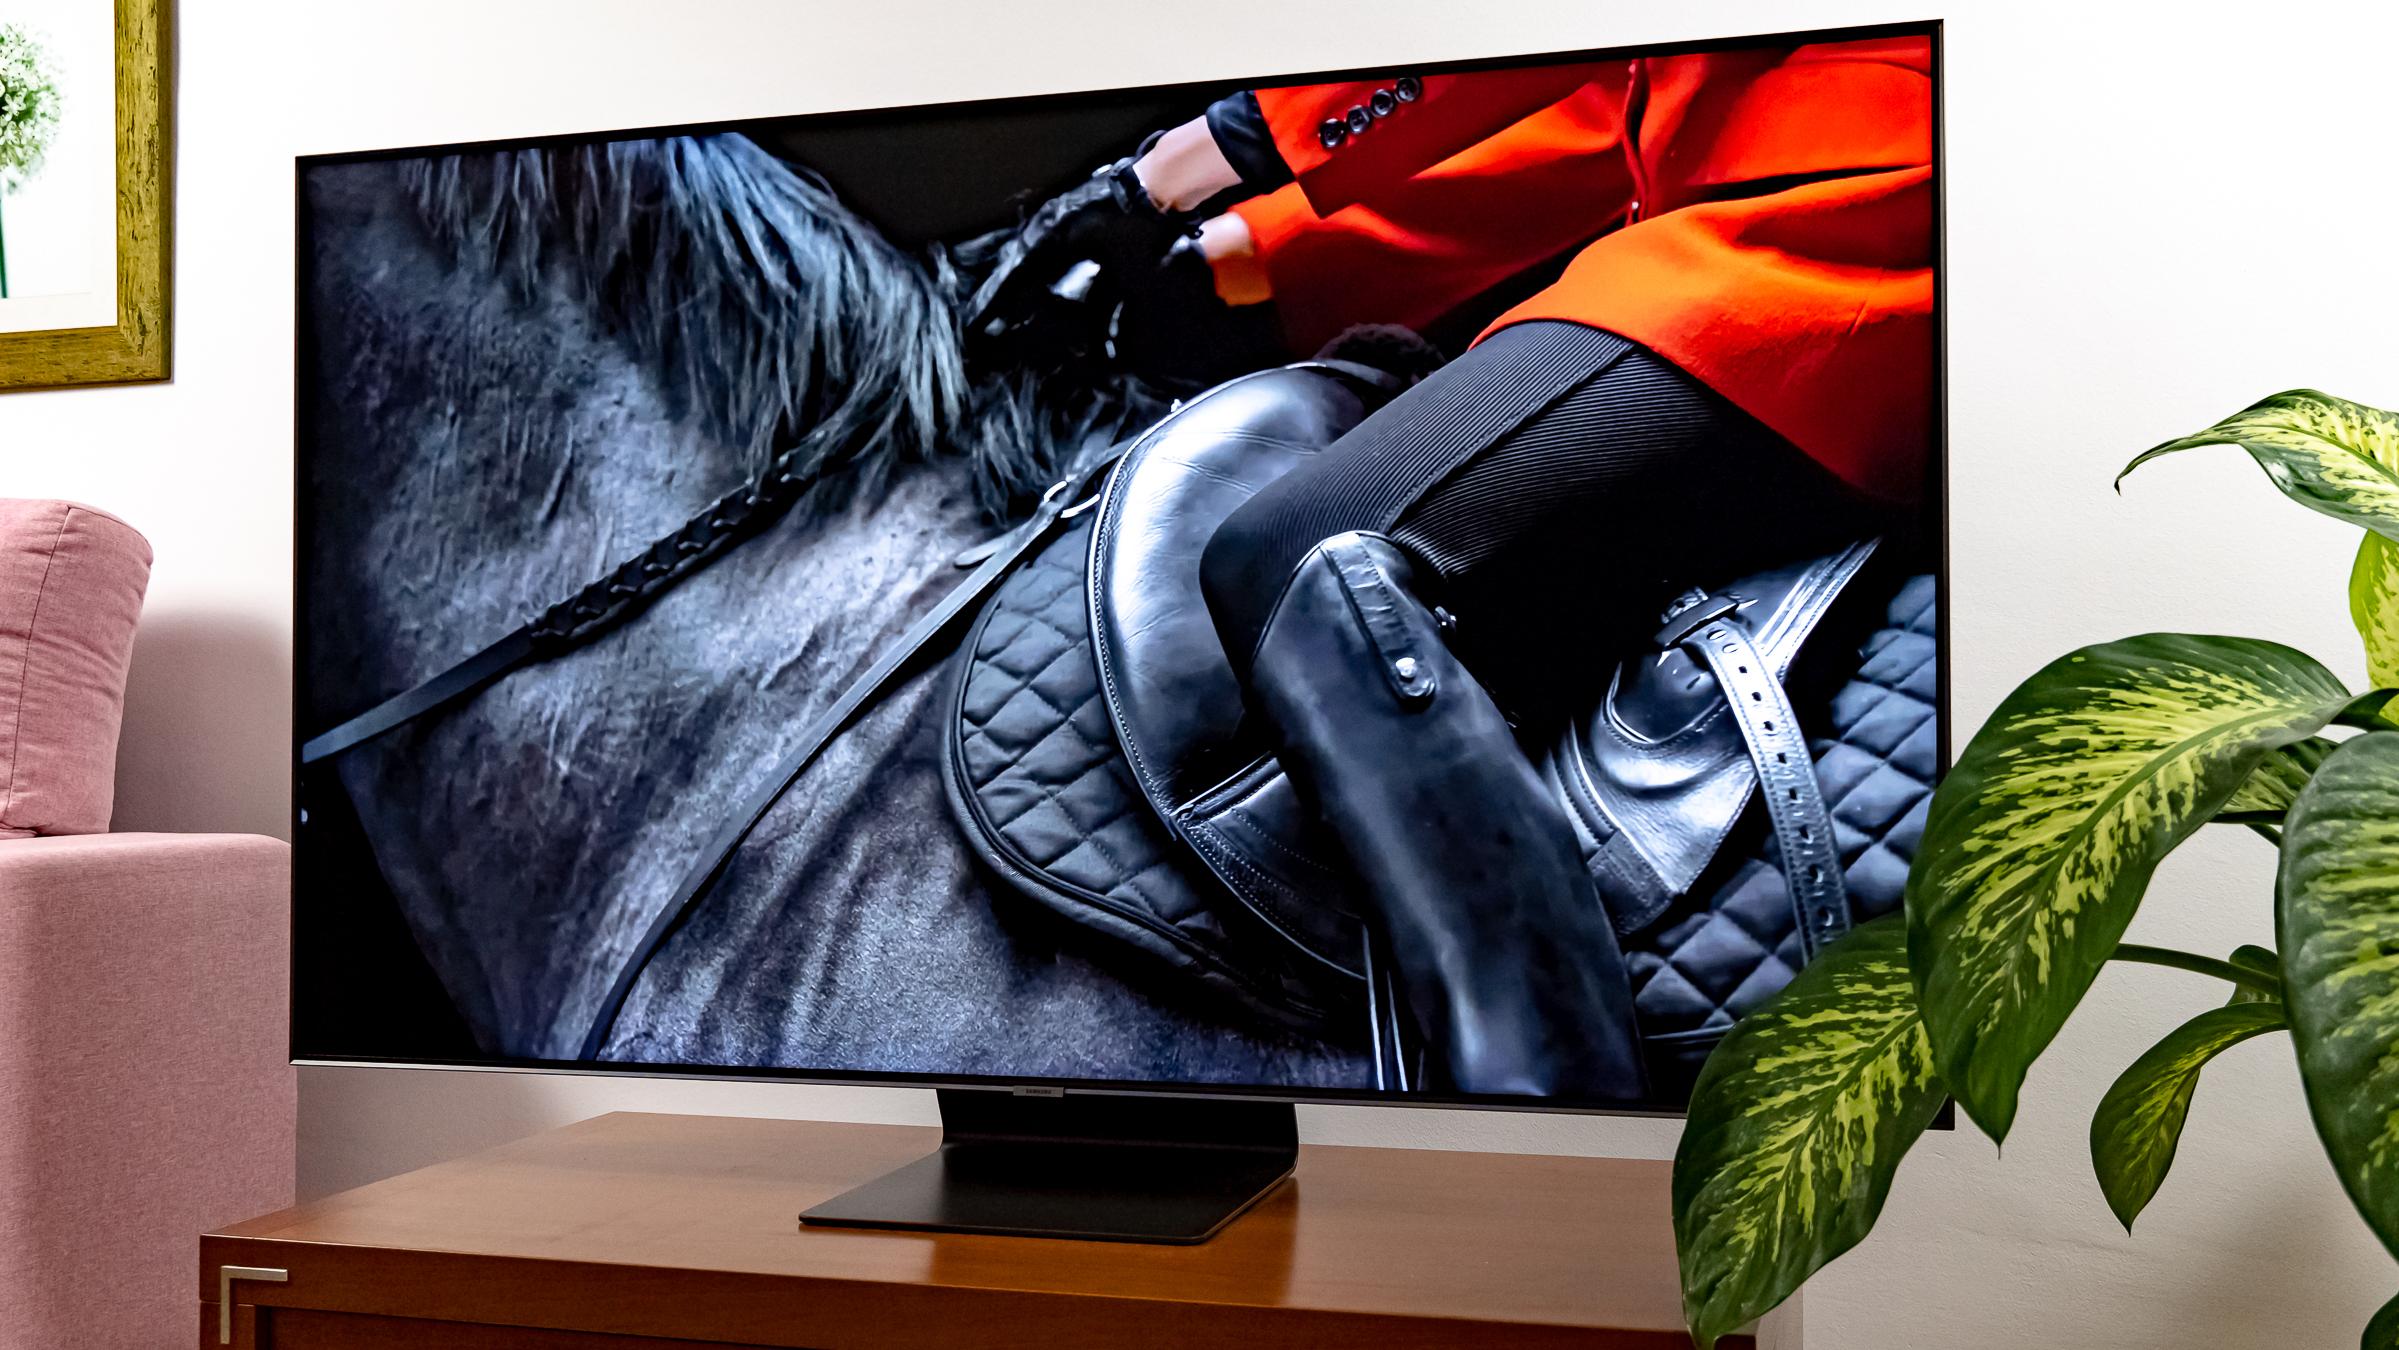 Samsung QLED Q90R, análisis y opinión | Tecnología - ComputerHoy.com